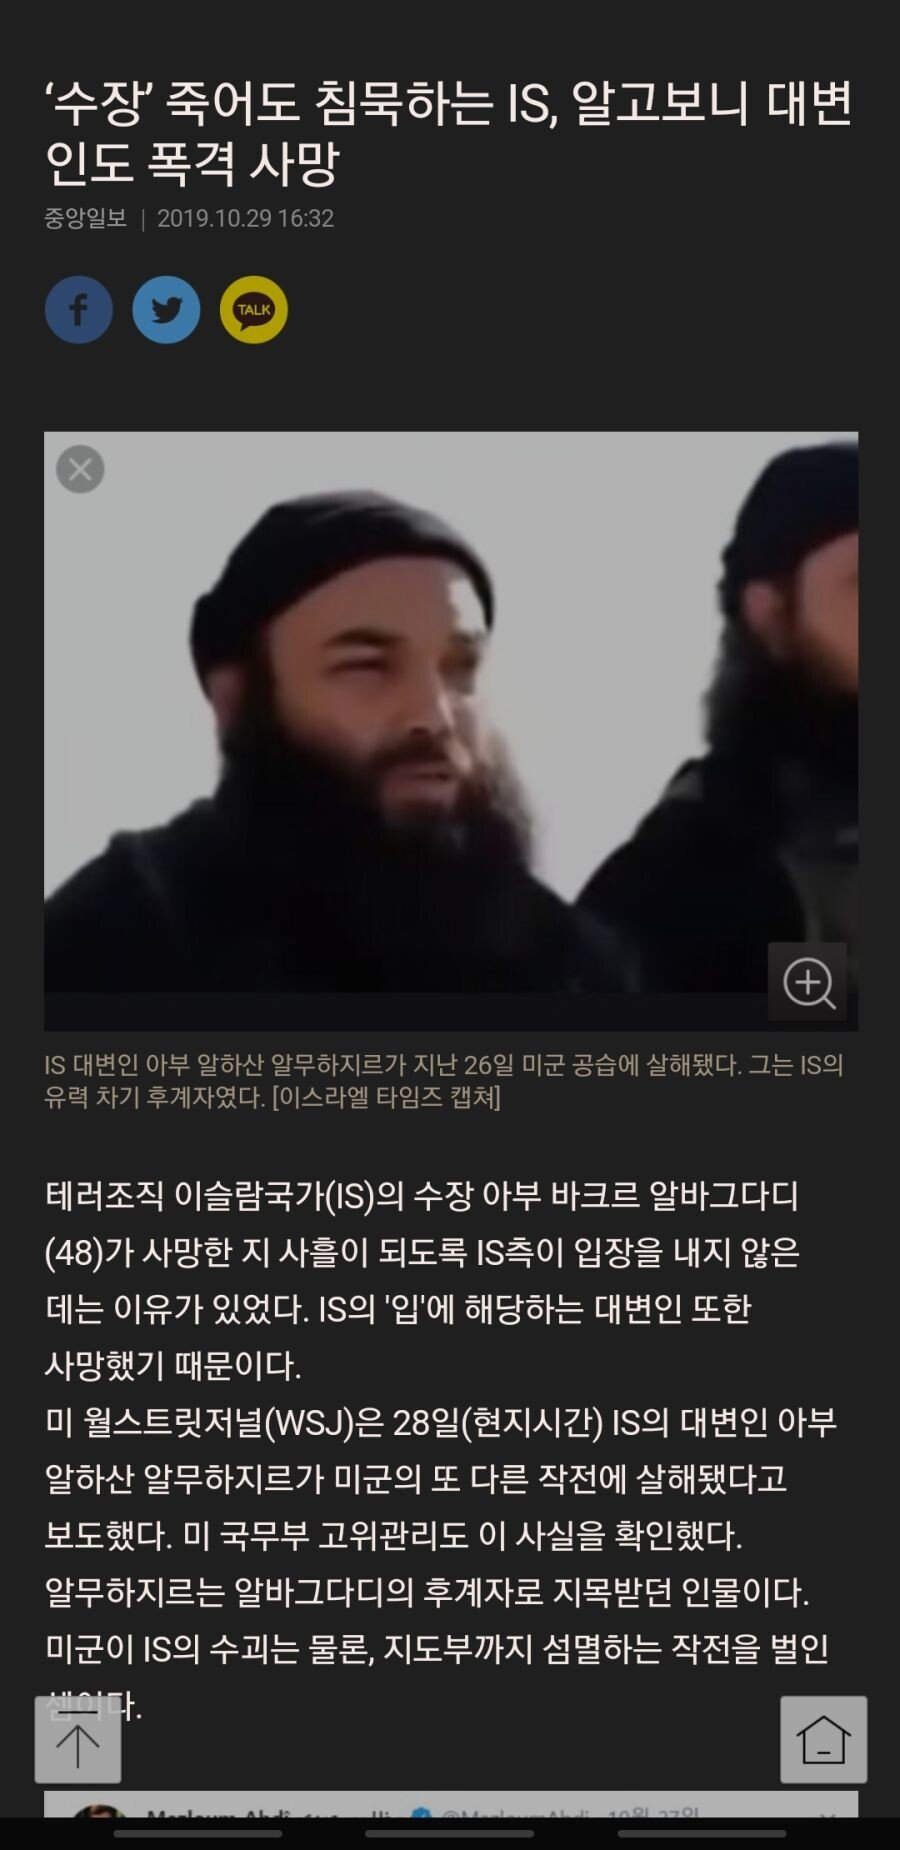 수장이 죽었는데 IS가 침묵하는 이유